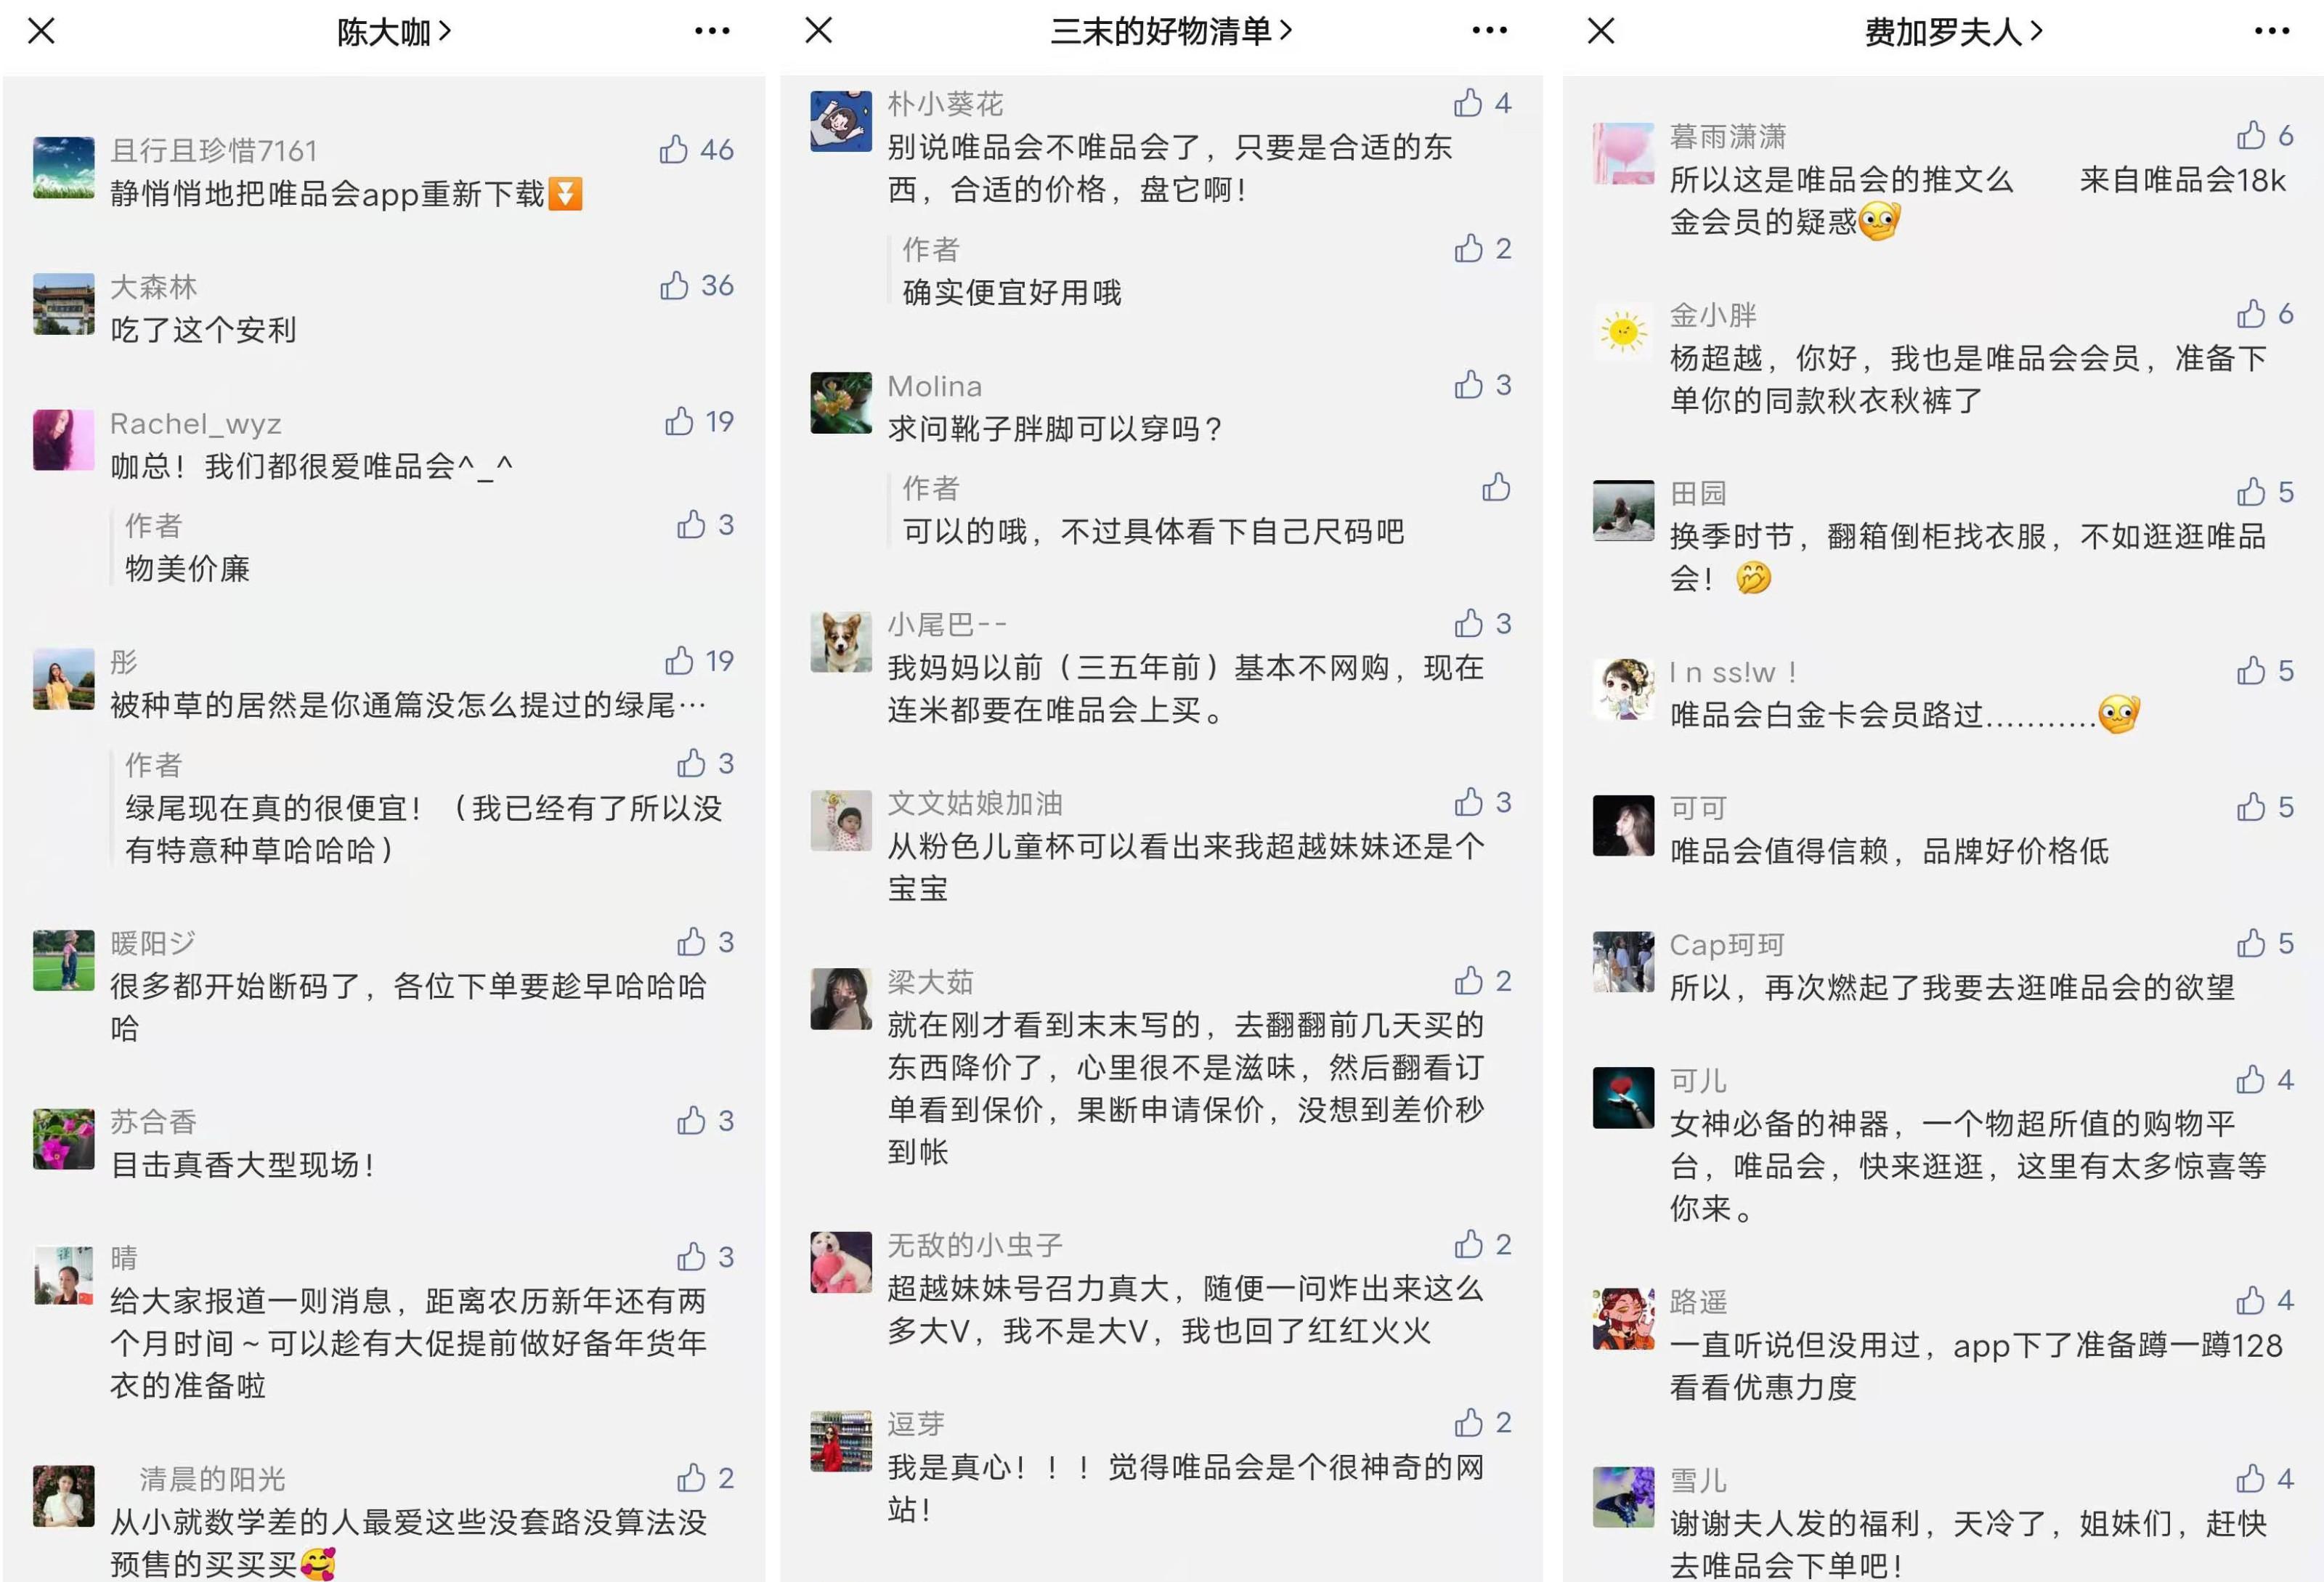 【8】微信评论.jpg